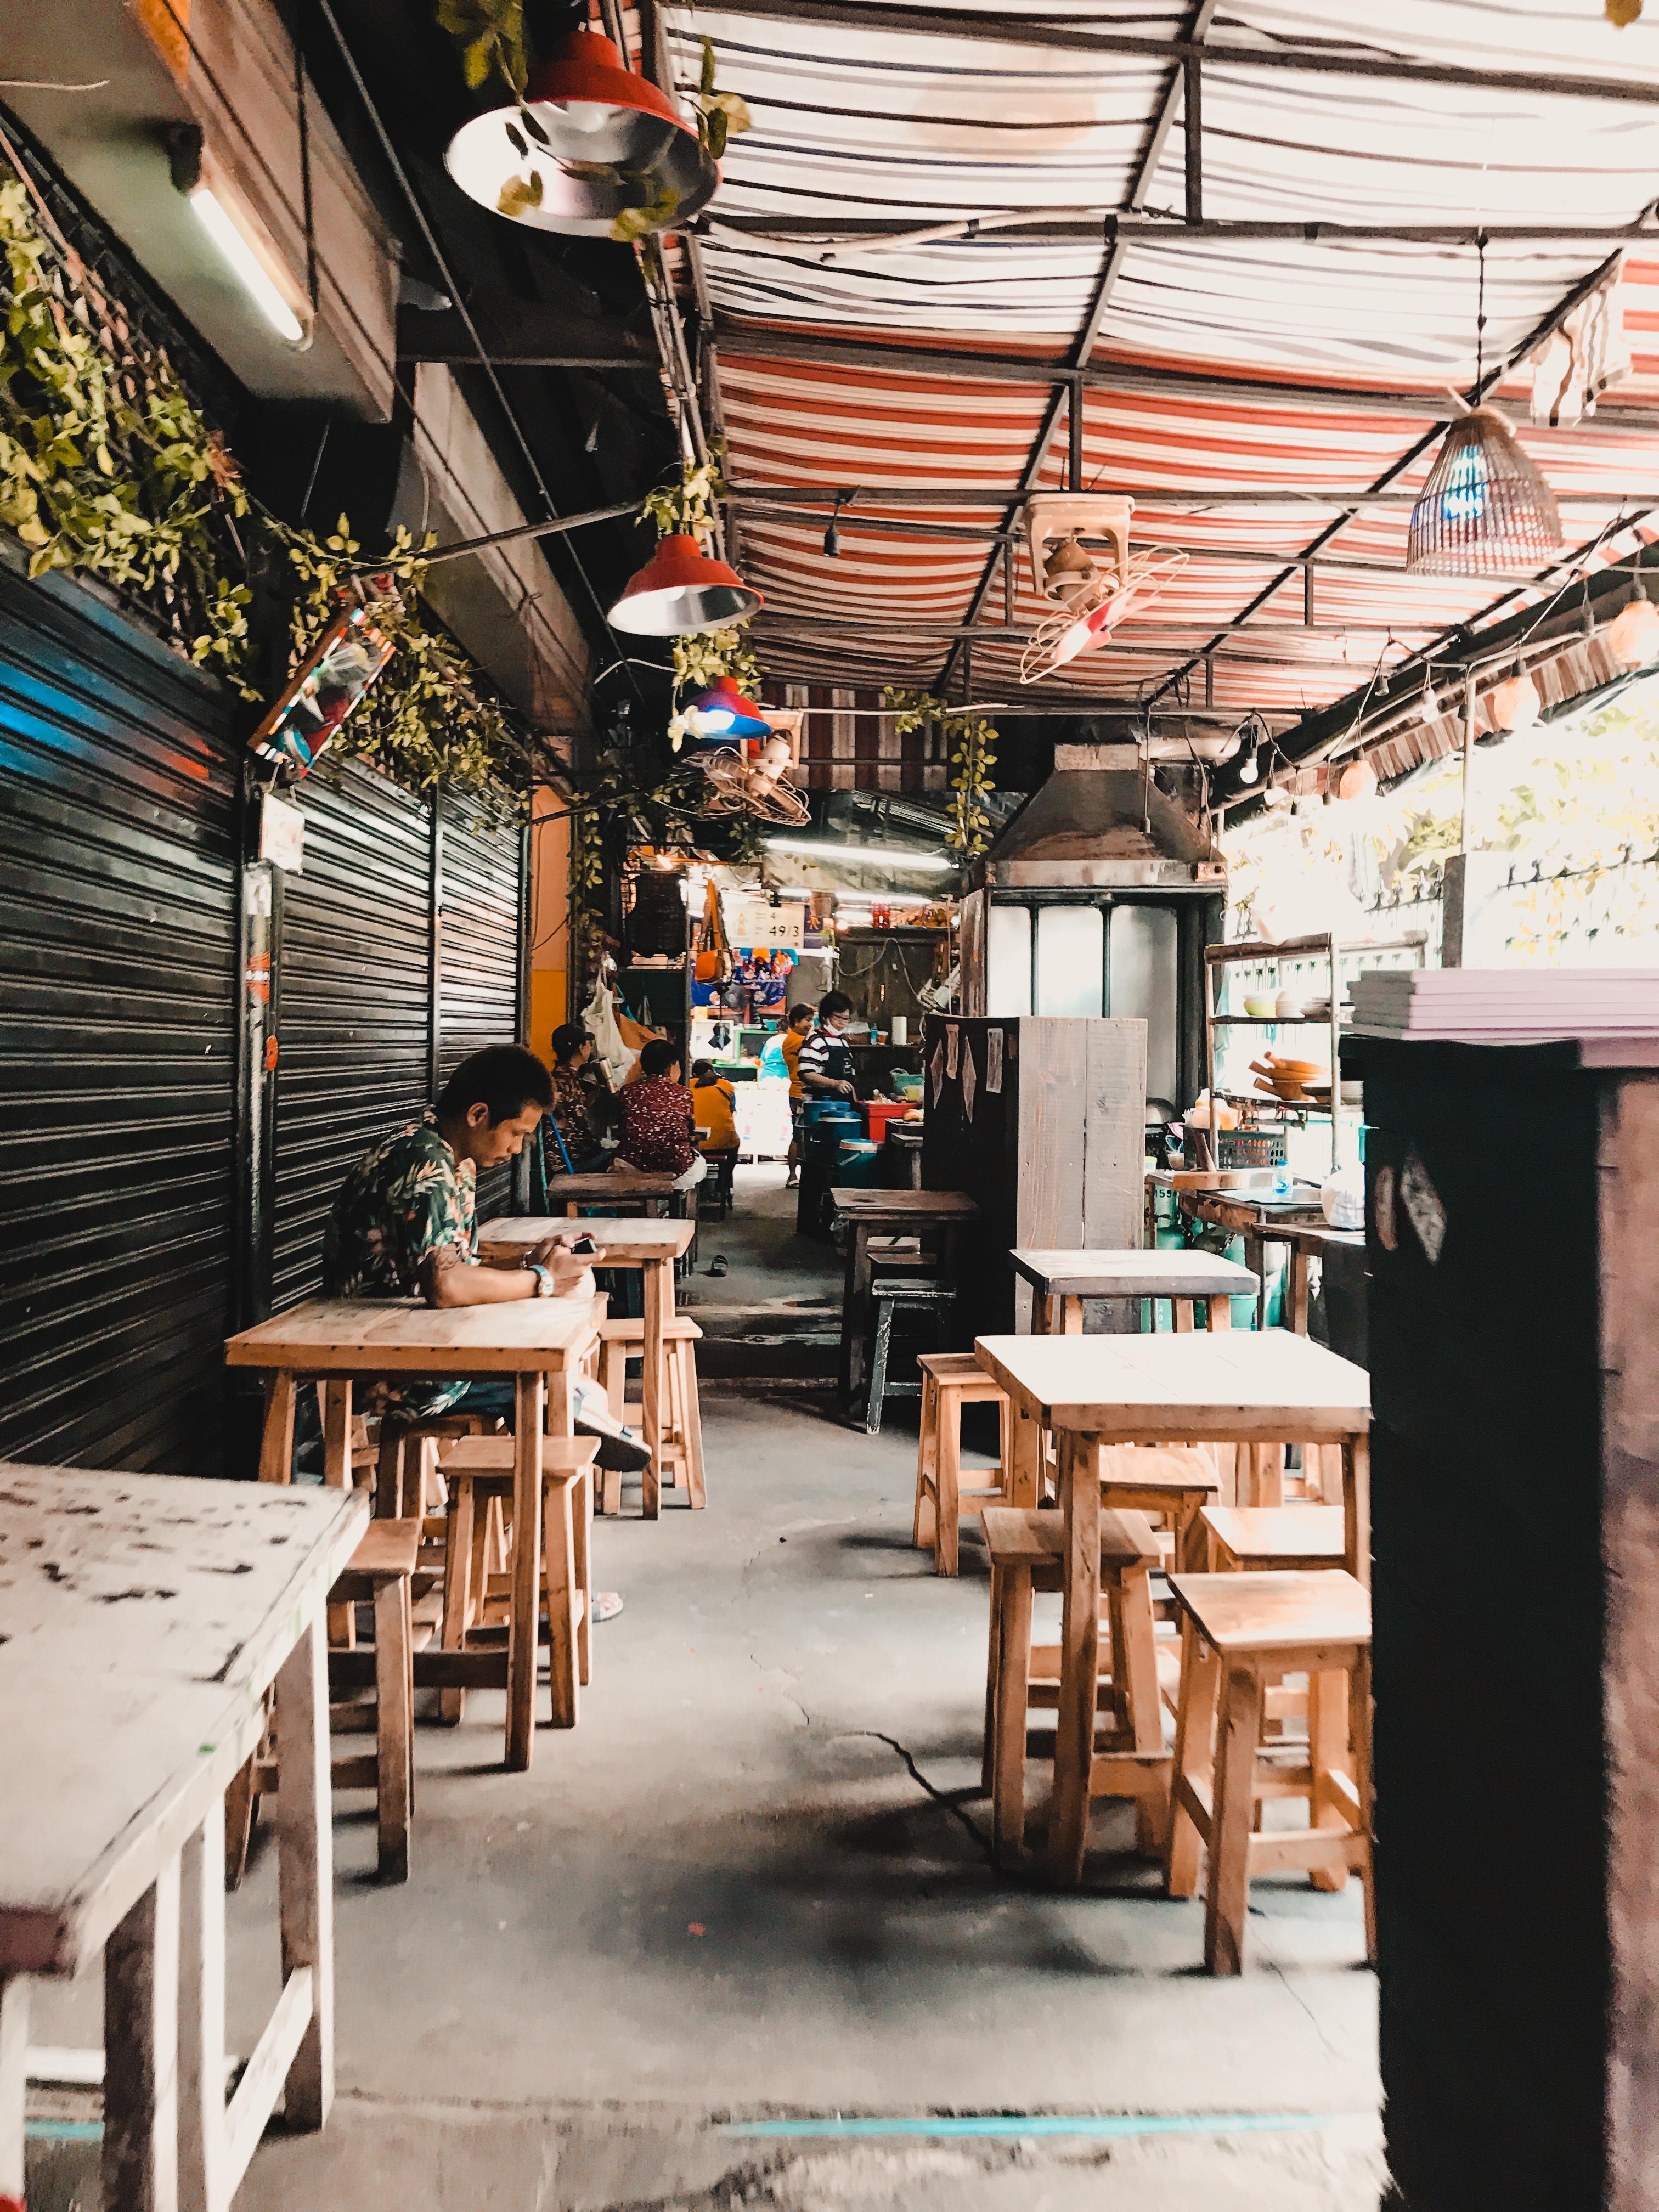 cafe stalls, Bangkok